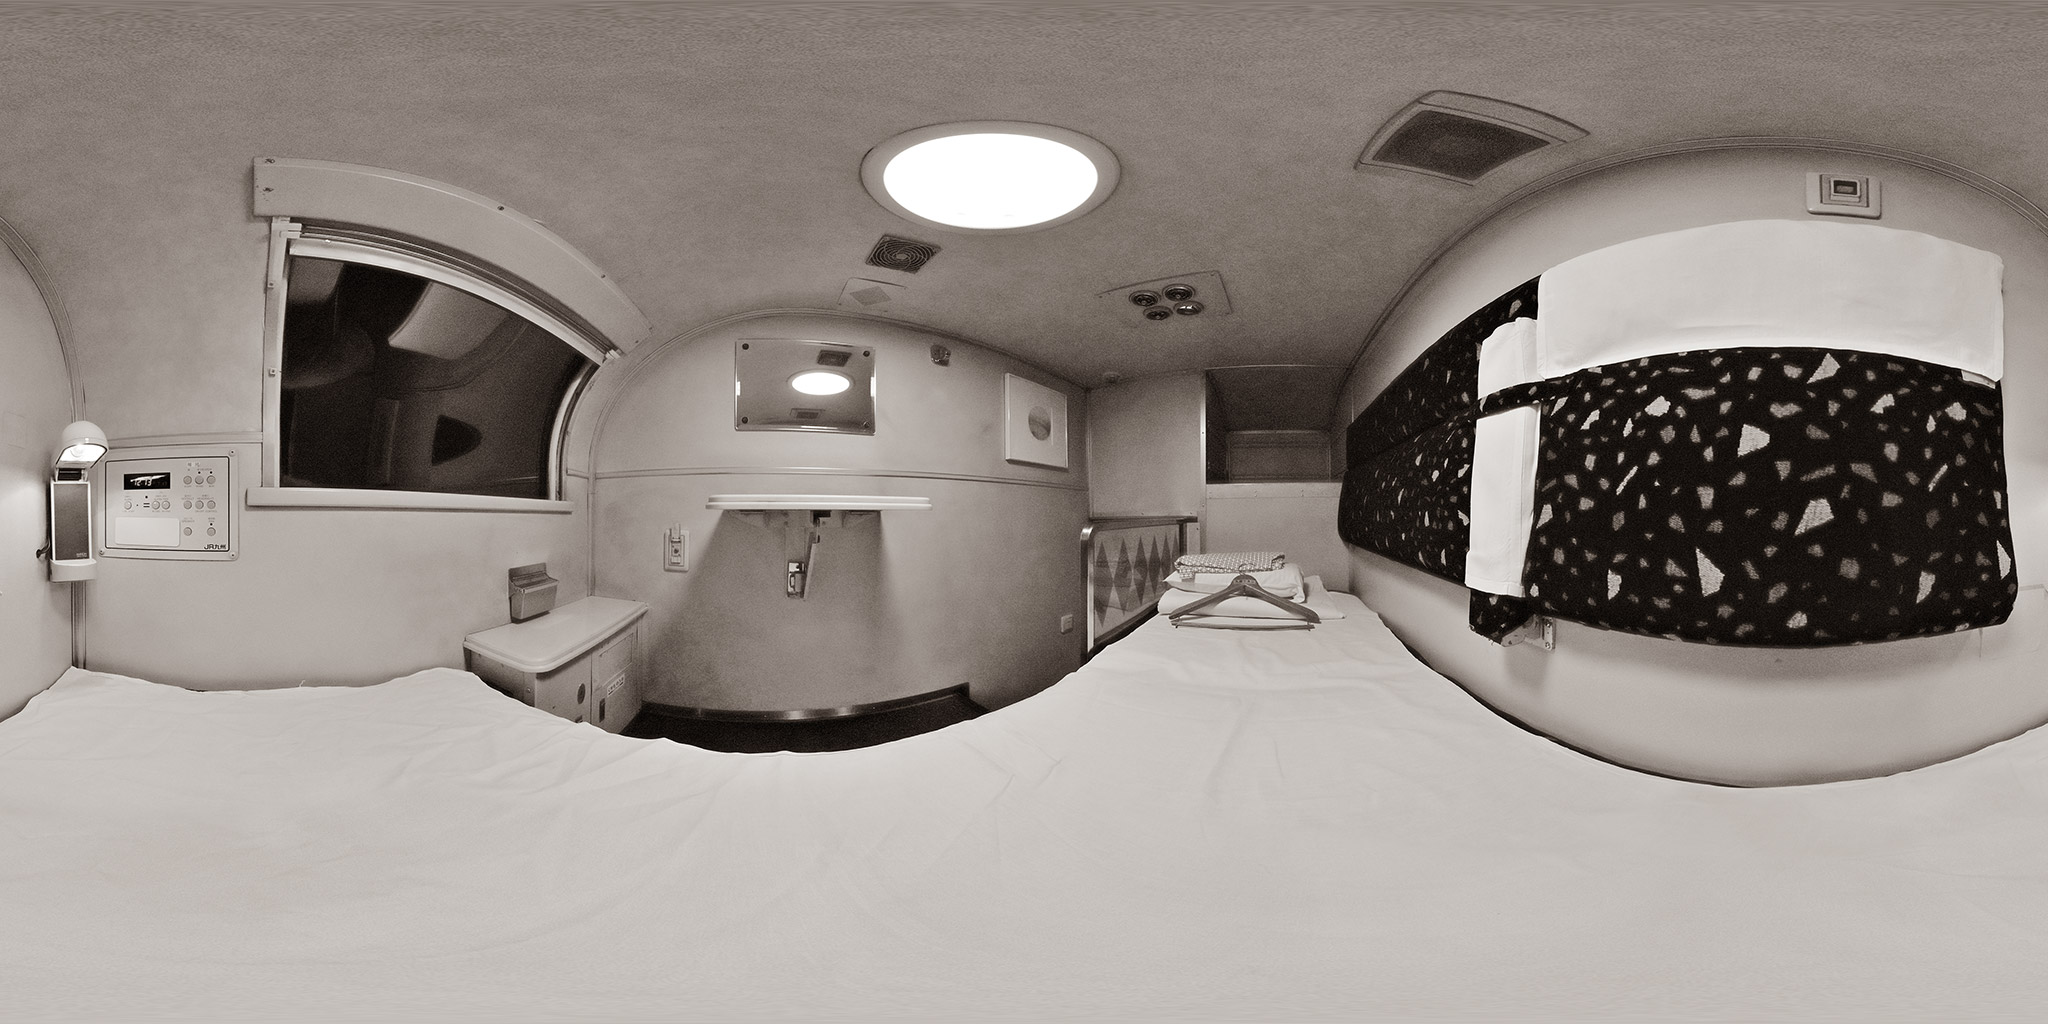 寝台特急「富士・はやぶさ」ソロ(オハネ15-2005)車内のパノラマ